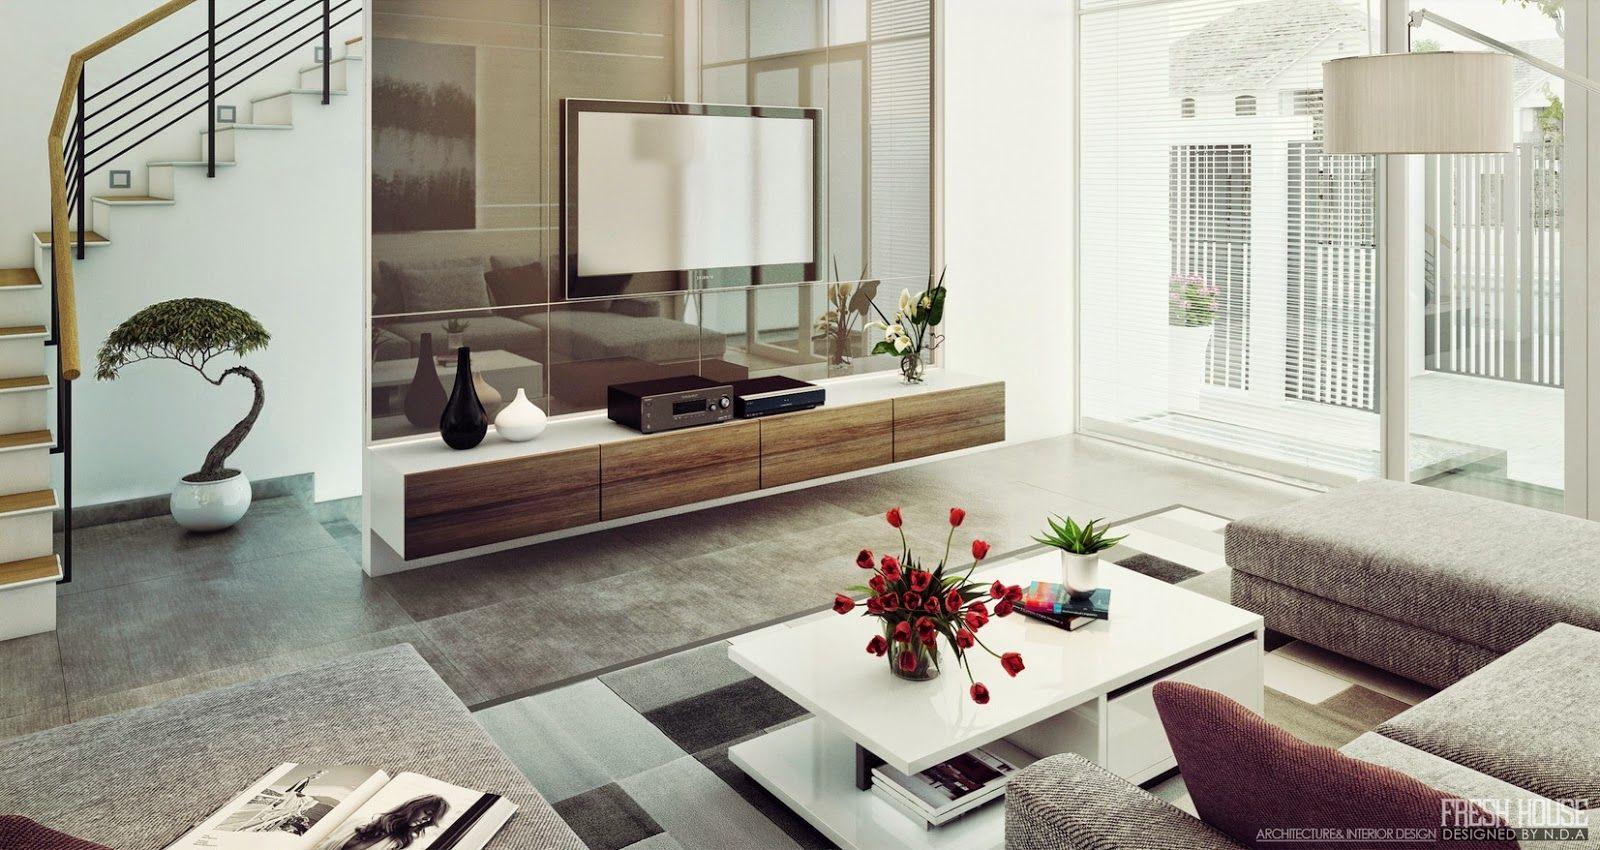 Idées Déco Séjour   Décor Salon Idee Deco Maison Design Pascalrodriguez